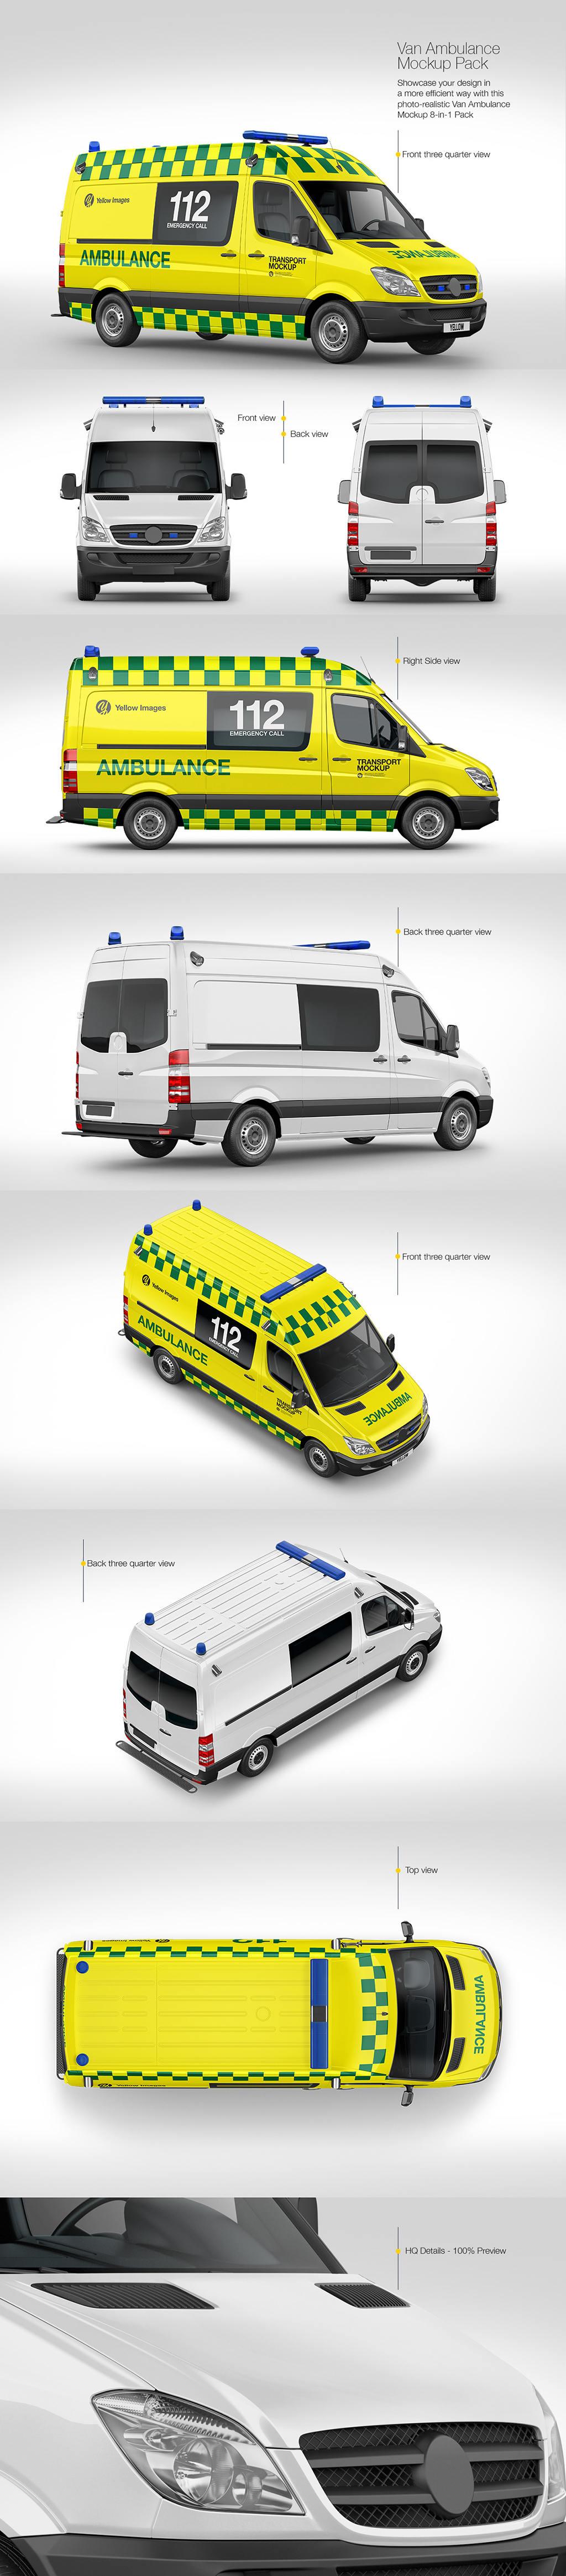 多角度警车救护车面包车样机贴图模板Van Ambulance Mockup Pack